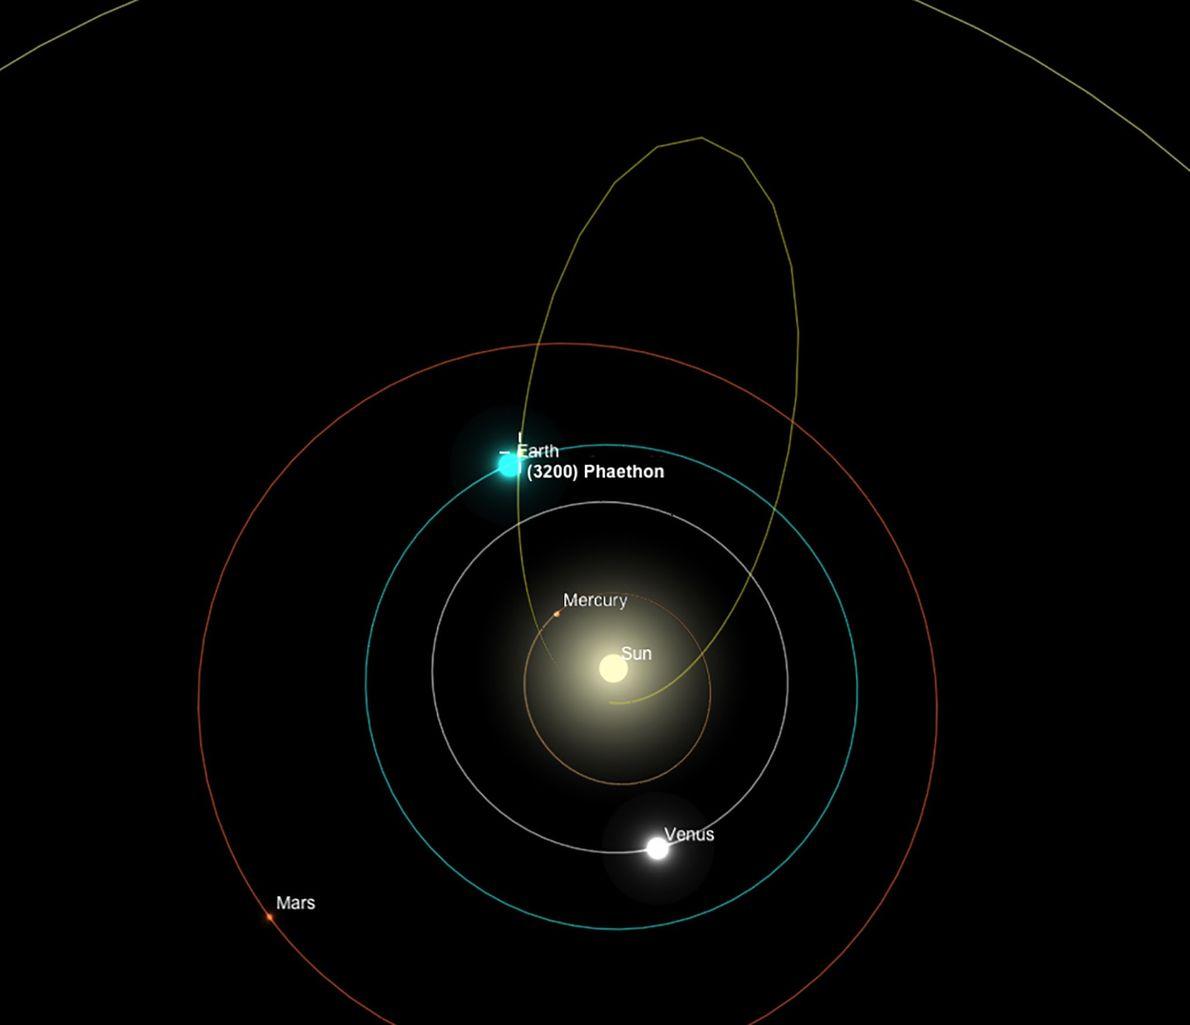 Sein Orbit führt 3200 Phaeton näher an der Sonne vorbei als jeden anderen bekannten Asteroiden.